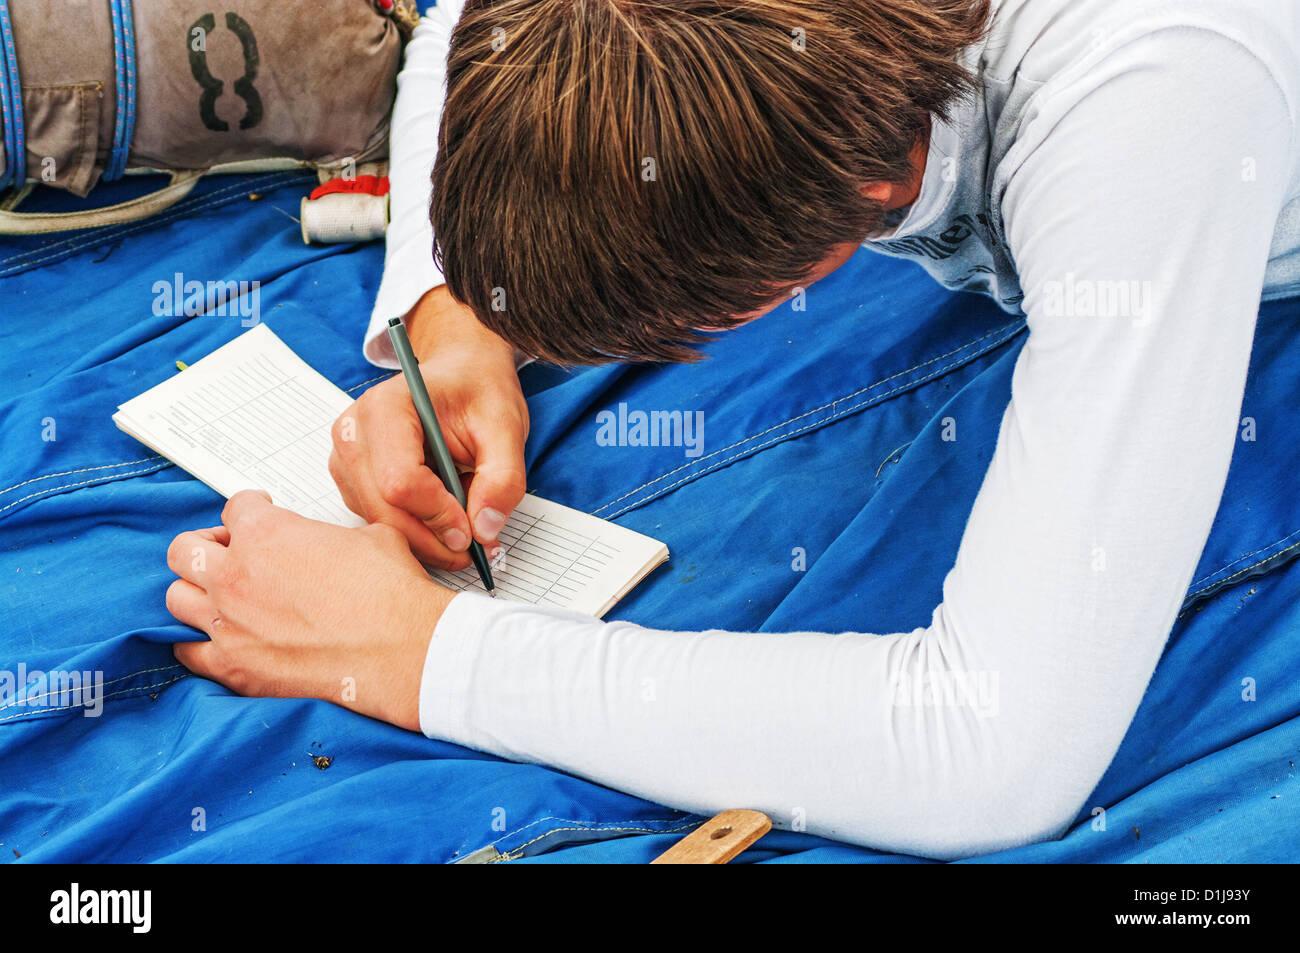 El chico paracaidista escribe en el pasaporte de la parachut. Foto de stock